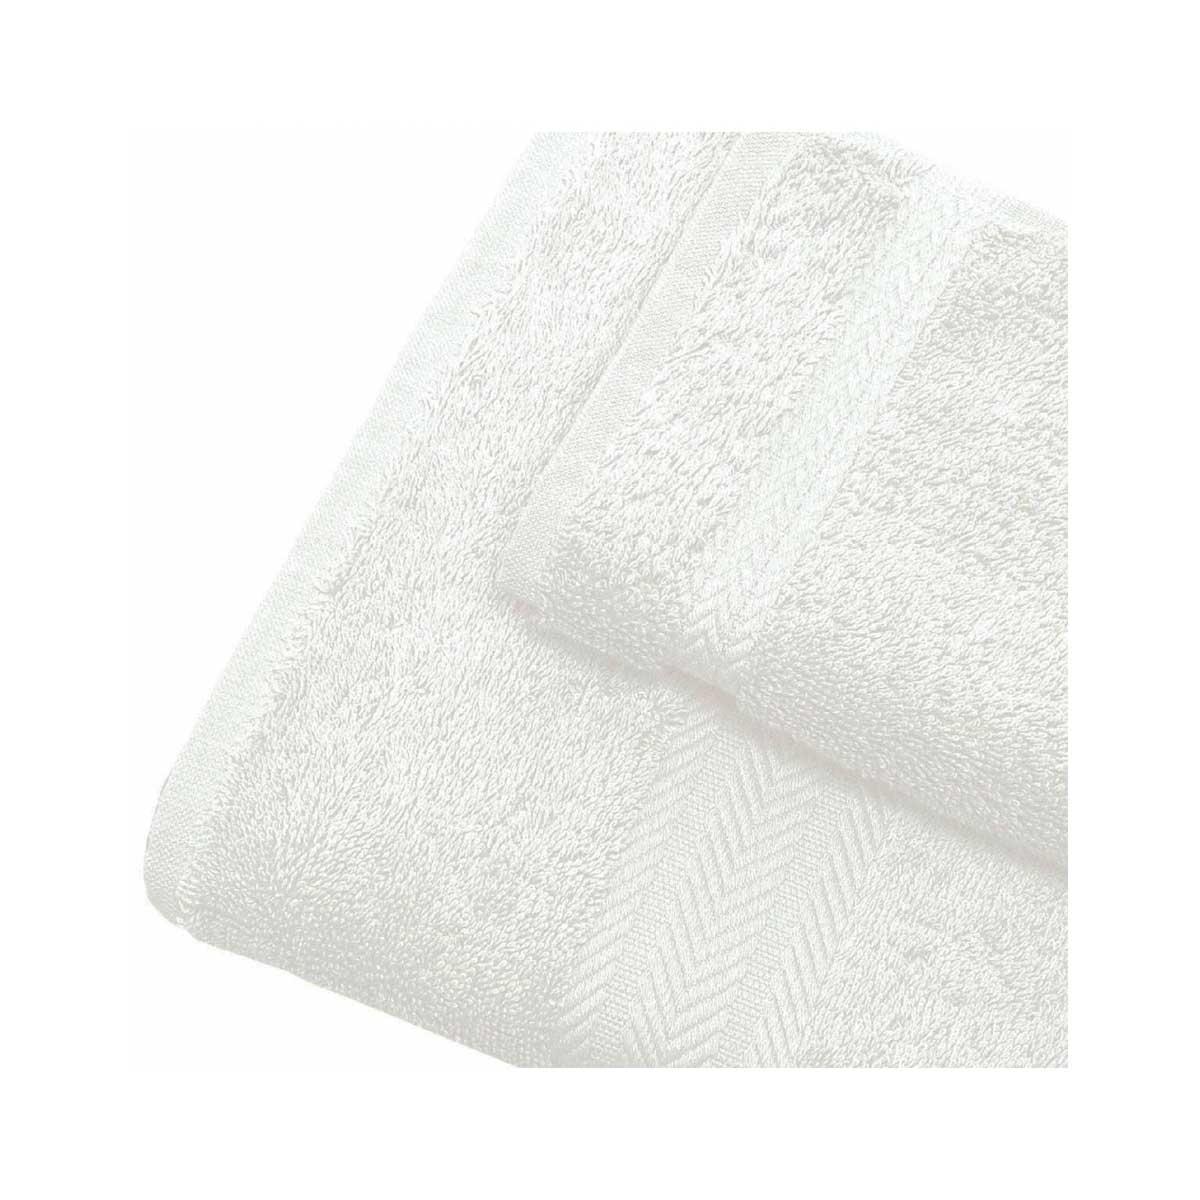 Linge de bain en coton 550gr/m² blanc (Blanc)